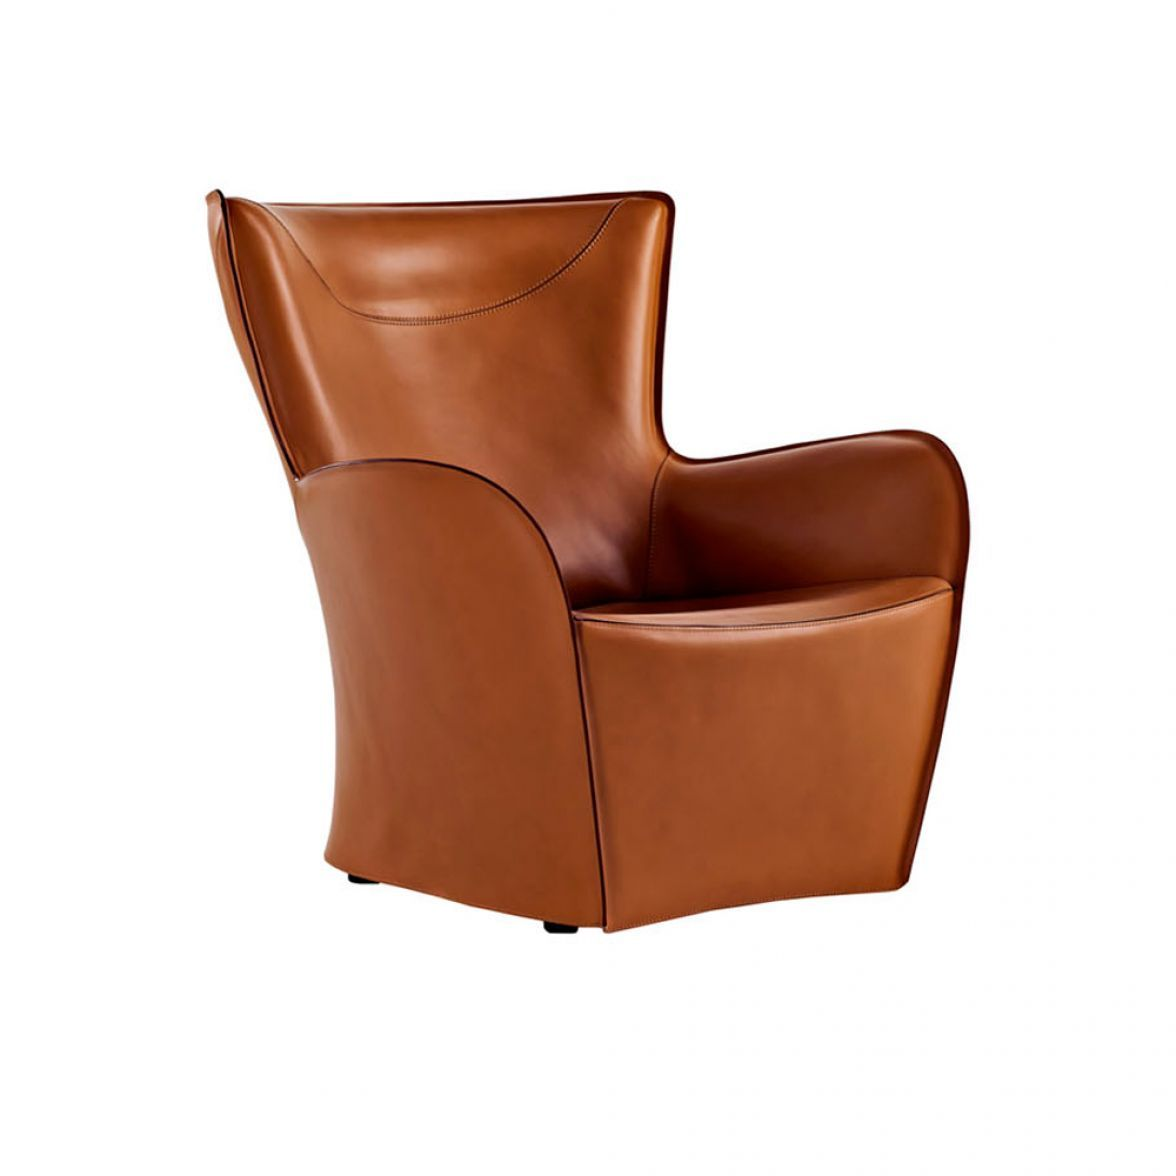 MANDRAGUE armchair